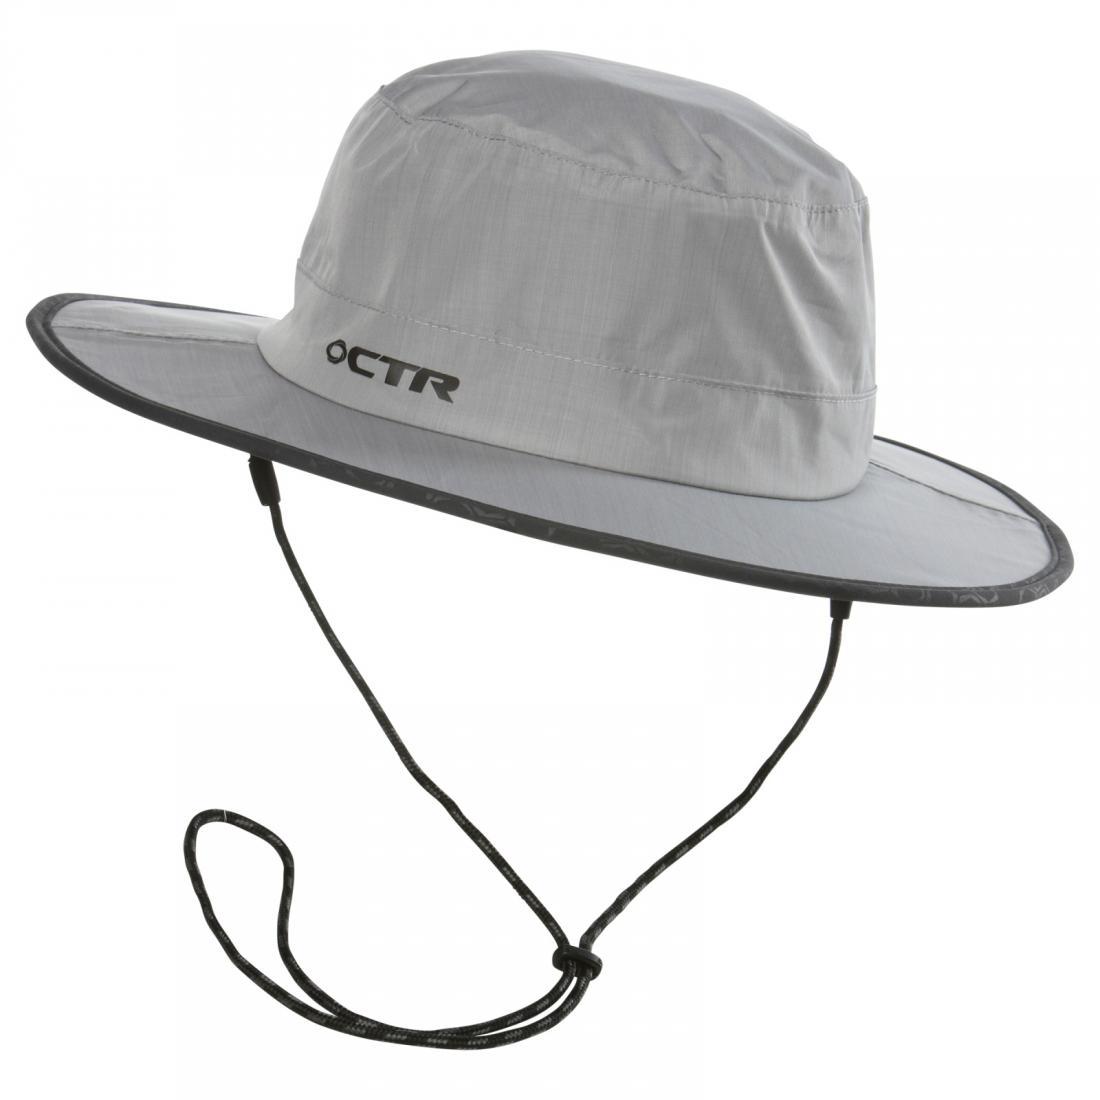 Панама Chaos  Stratus Boat HatПанамы<br><br> Удобная панама классической формы Stratus Boat Hat — это стильное решение для путешественников от фирмы Chaos. Она пригодится вам в любую погоду — и в дождь, и в солнечный день. Лаконичный дизайн позволяет носить эту модель как мужчинам, так и женщ...<br><br>Цвет: Серый<br>Размер: S-M